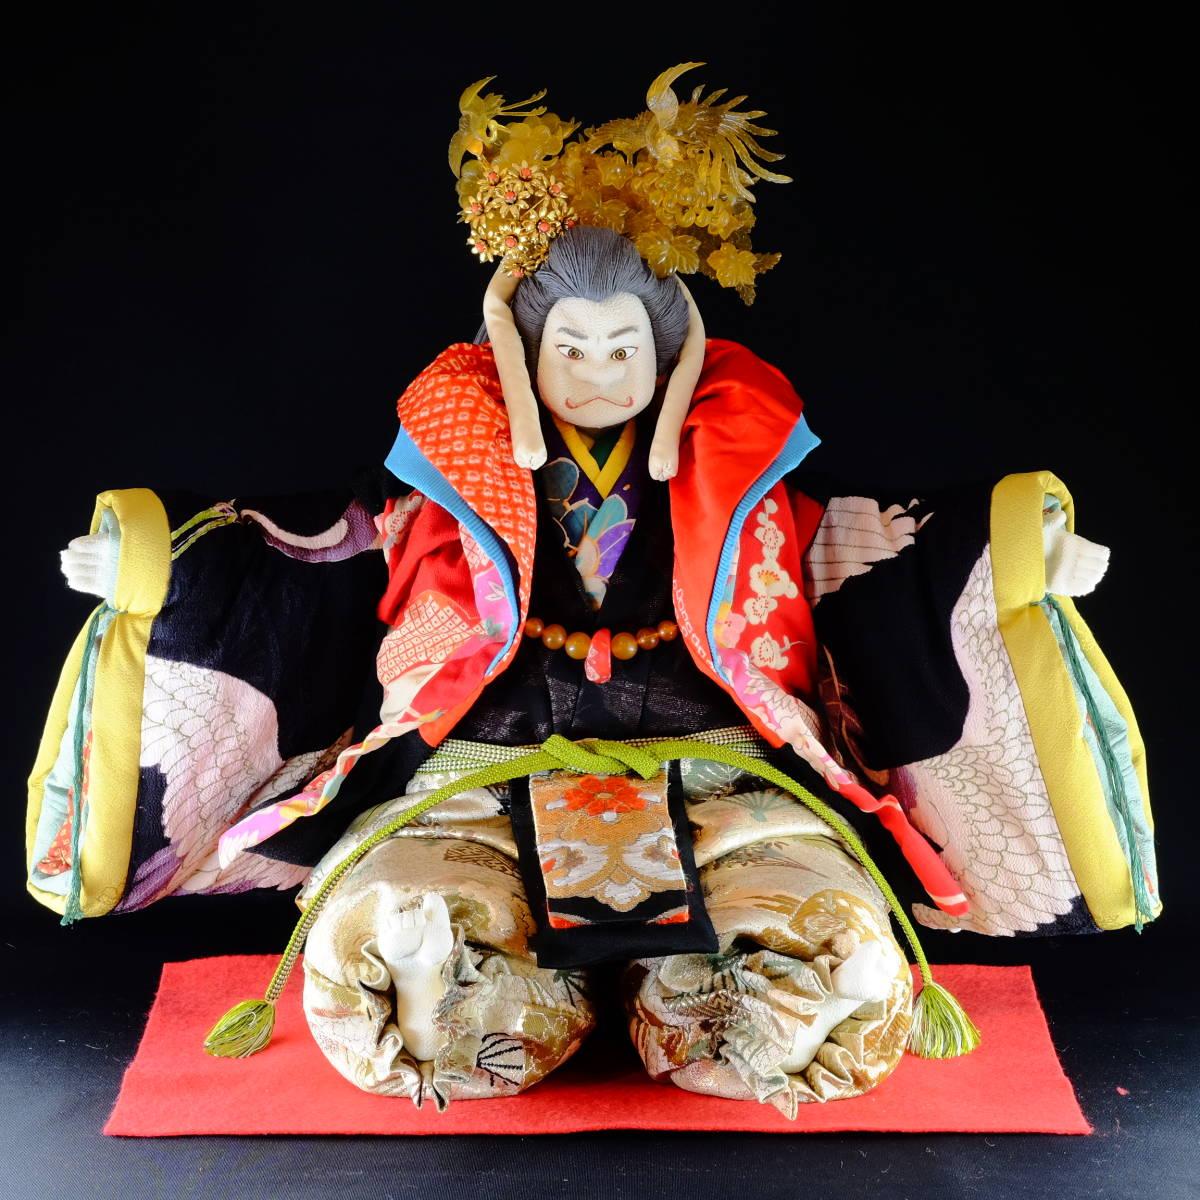 [昔々大松屋の創作人形] 童神(わらべがみ)[検索/ぶす姫さま 古布 縮緬 ちりめん 日本人形 かんざし ひな人形 雛 つまみ細工 市松人形)